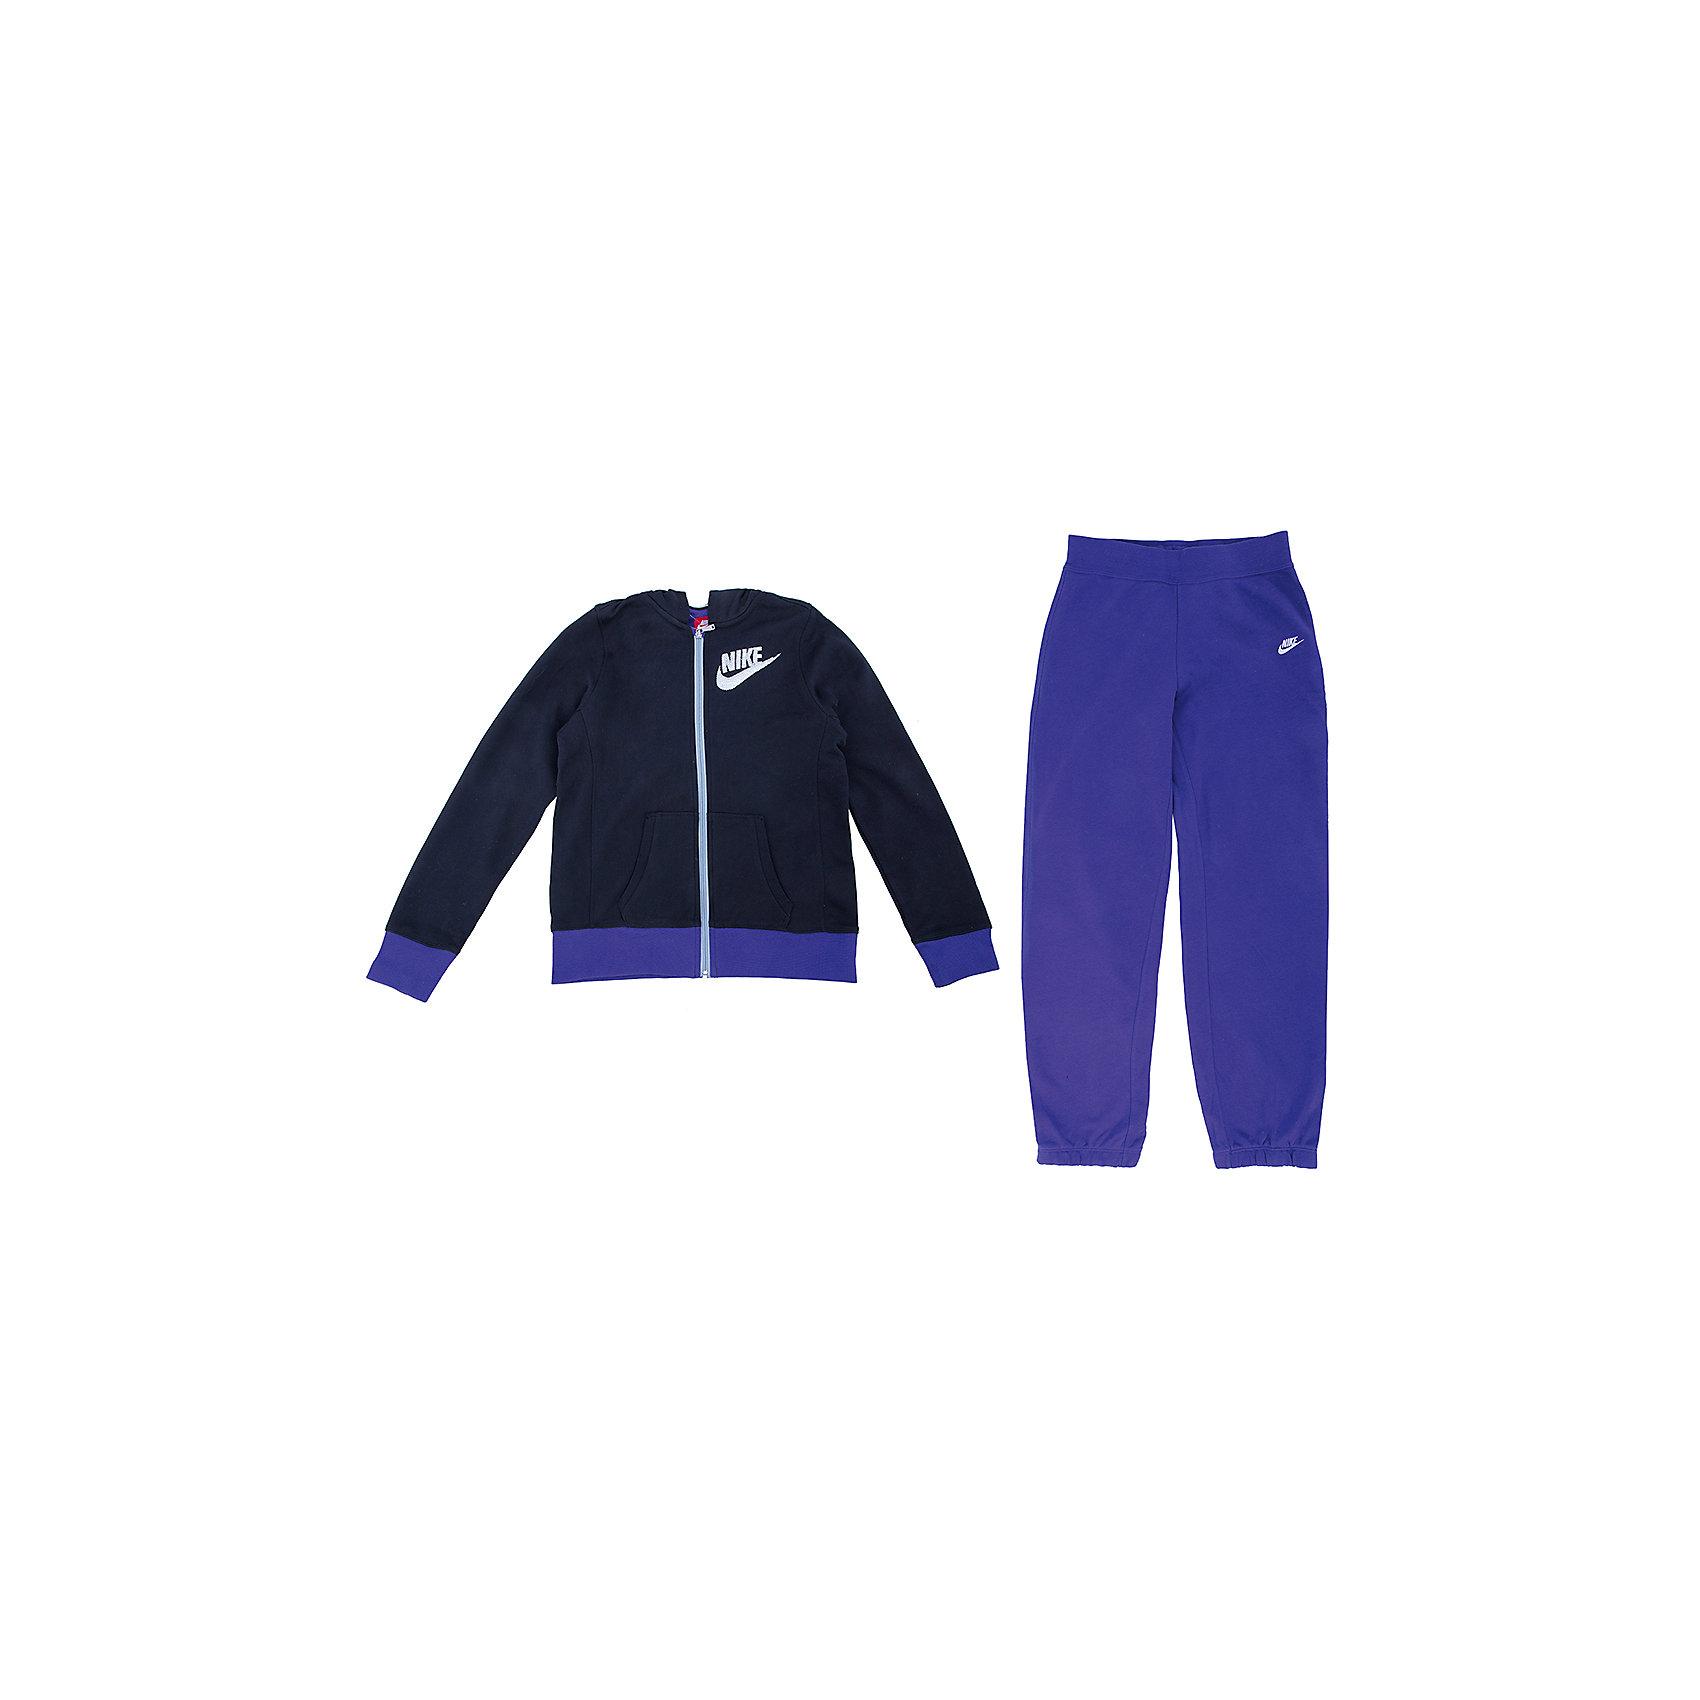 Спортивный костюм для девочки HBR SB CUFF WARM UP YTH NIKE